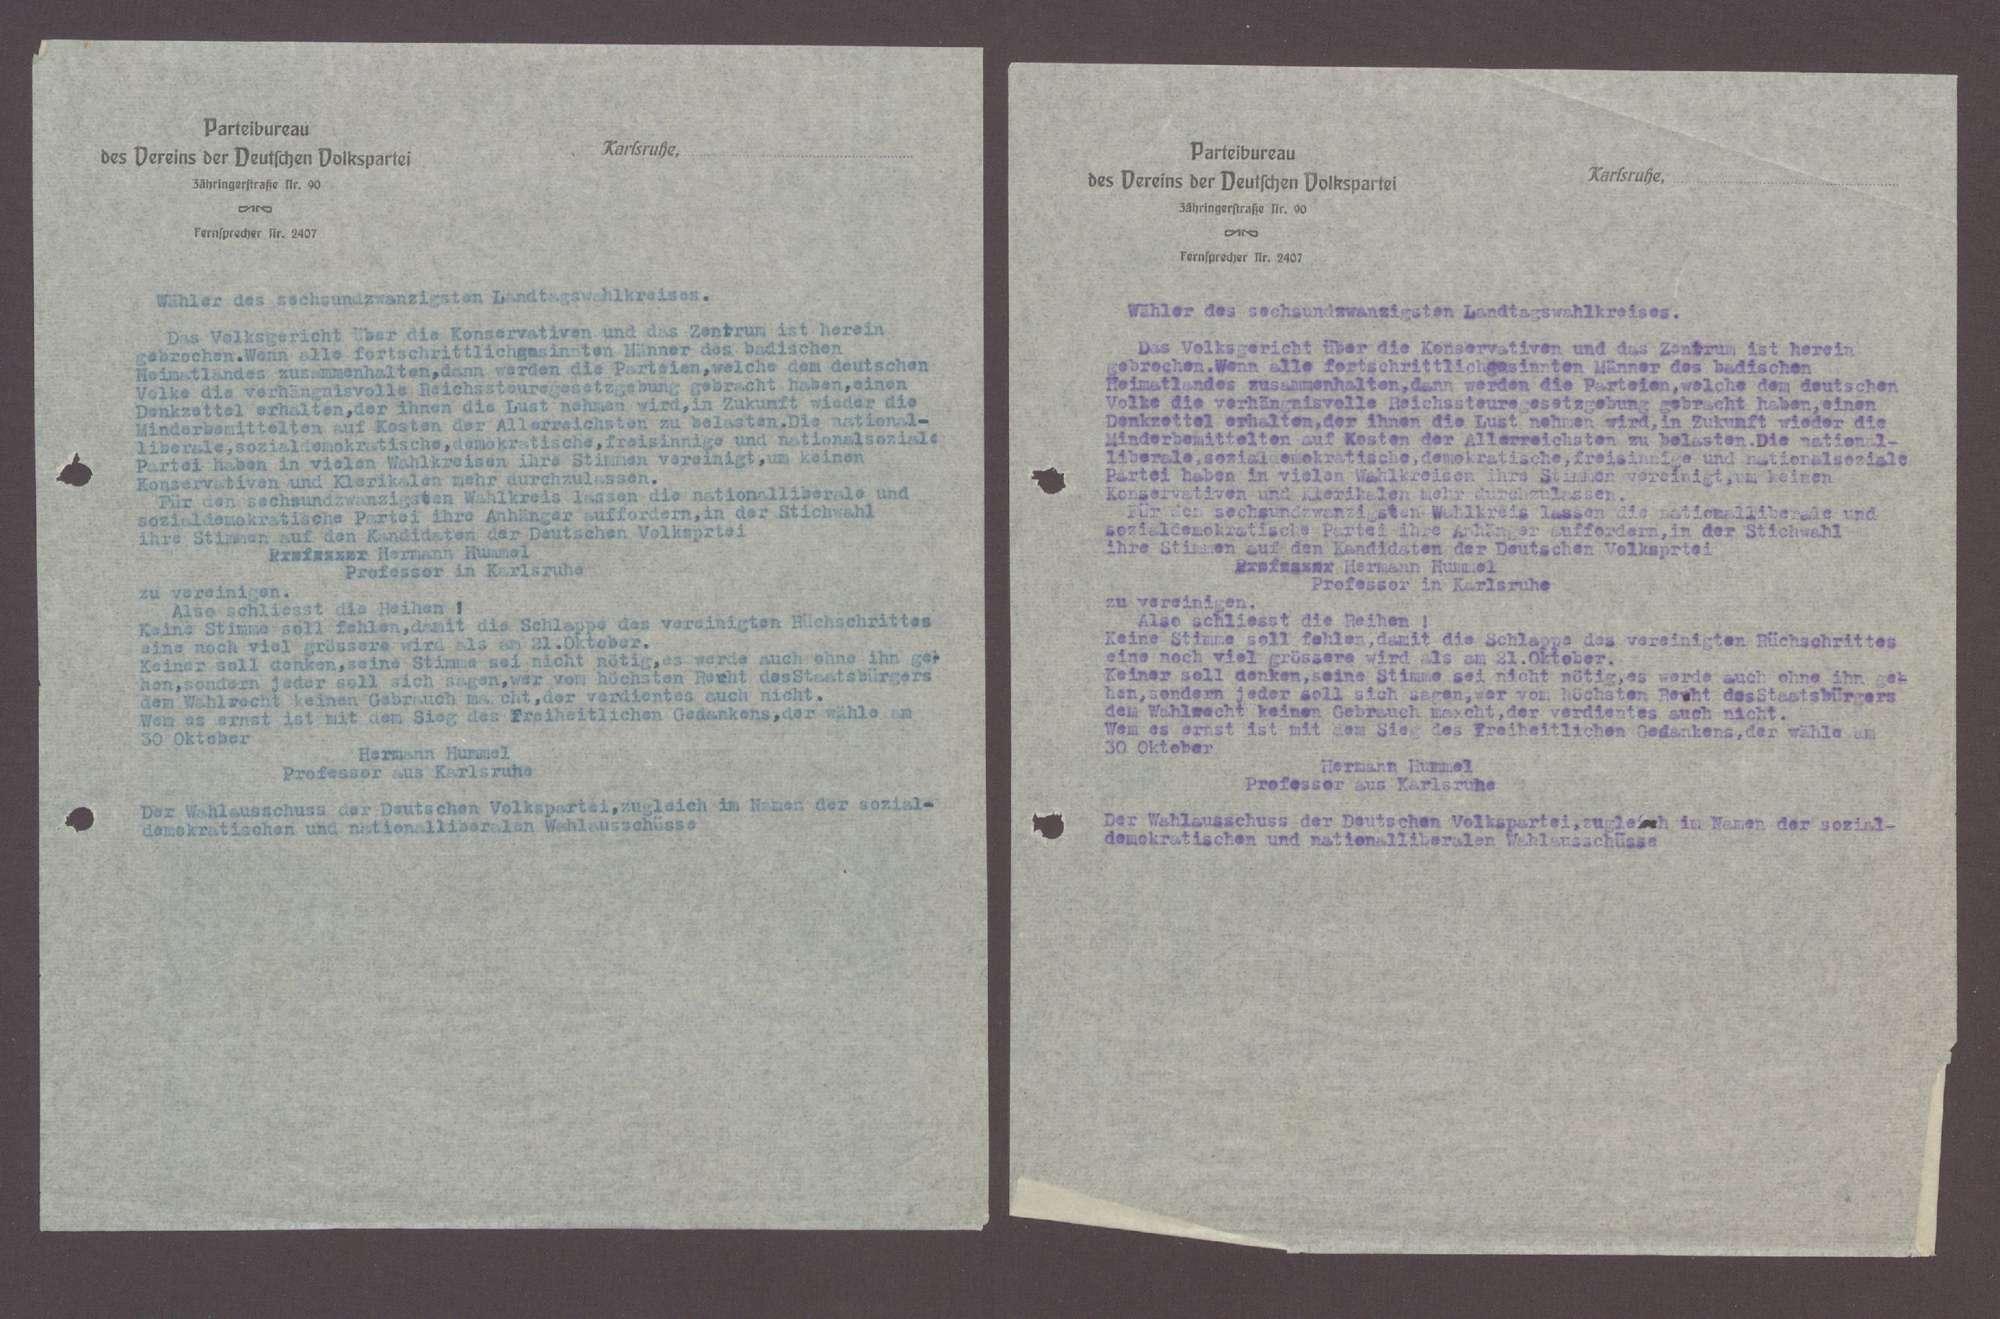 Wahlaufruf für Hermann Hummel, 1 Schreiben (2 Durchschläge), Bild 1